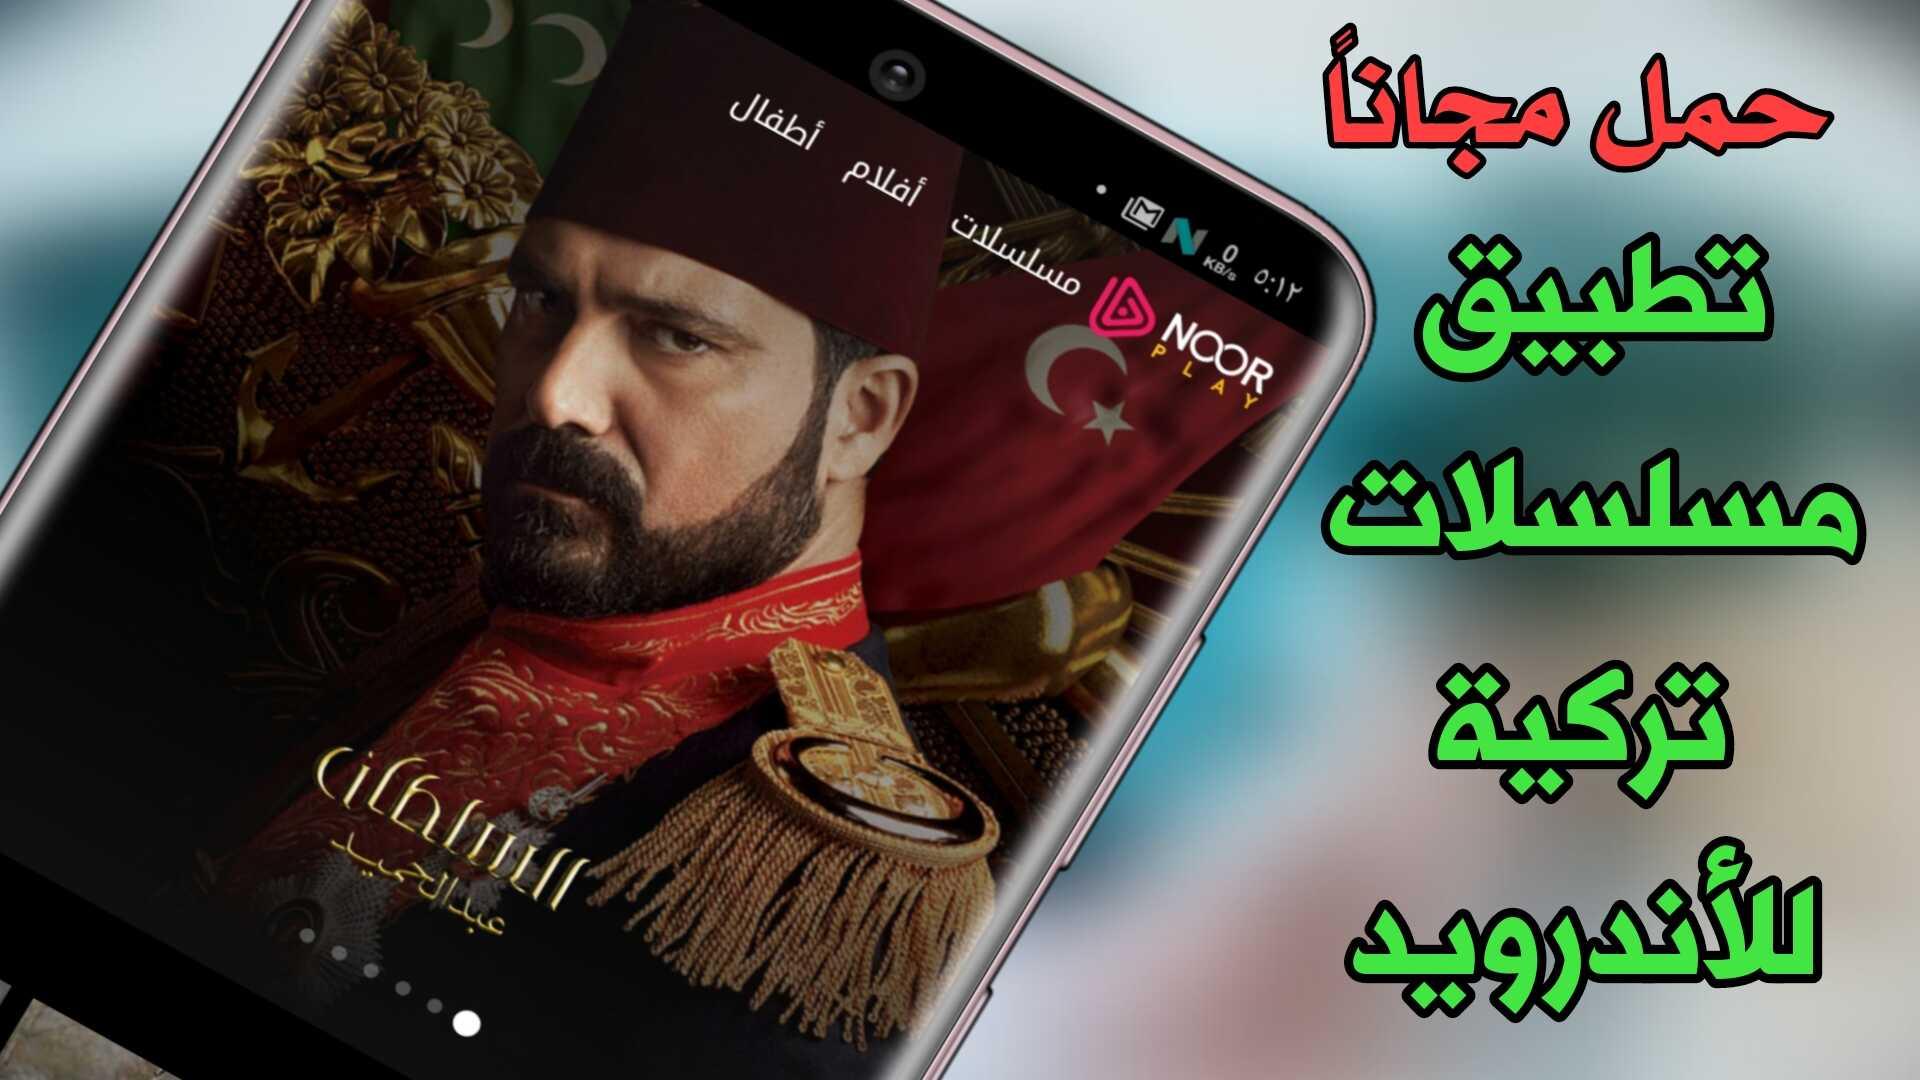 أفضل تطبيق لمشاهدة المسلسلات التركية للأندرويد مدبلجة بالعربية مدونة المطور للمعلوماتية